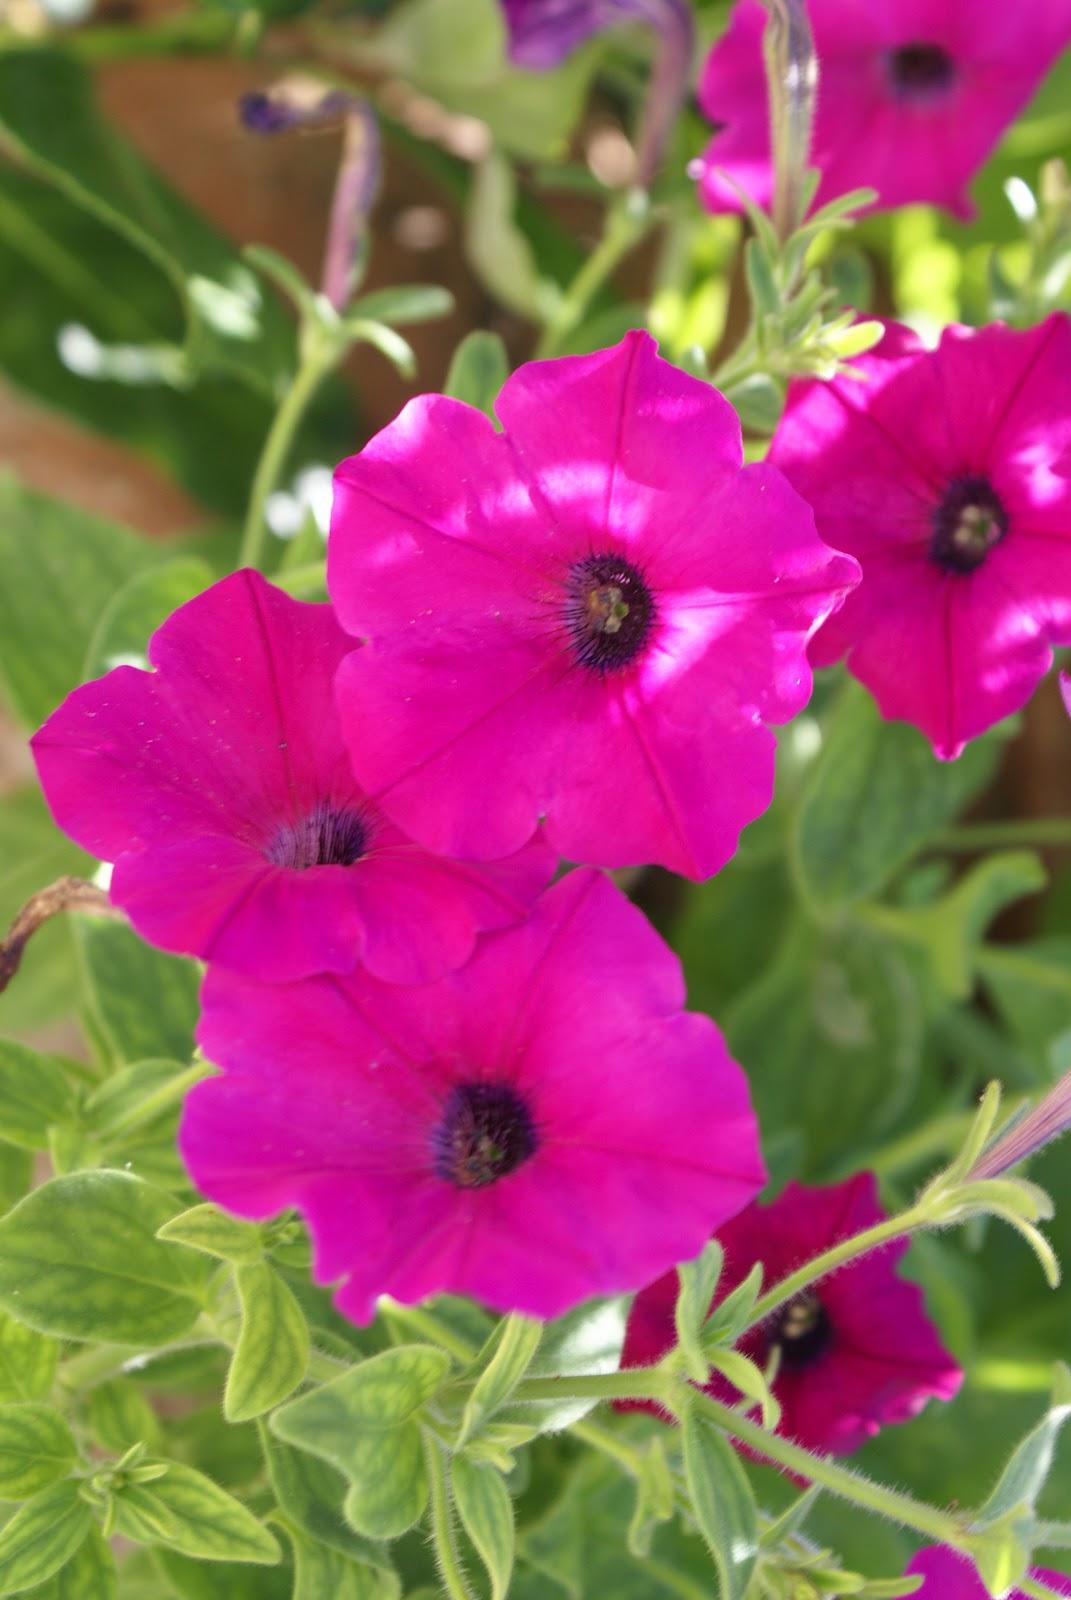 imagens de jardim horta e pomar : imagens de jardim horta e pomar: do jardim, do pomar e da horta: Mais um sábado de trabalho na horta